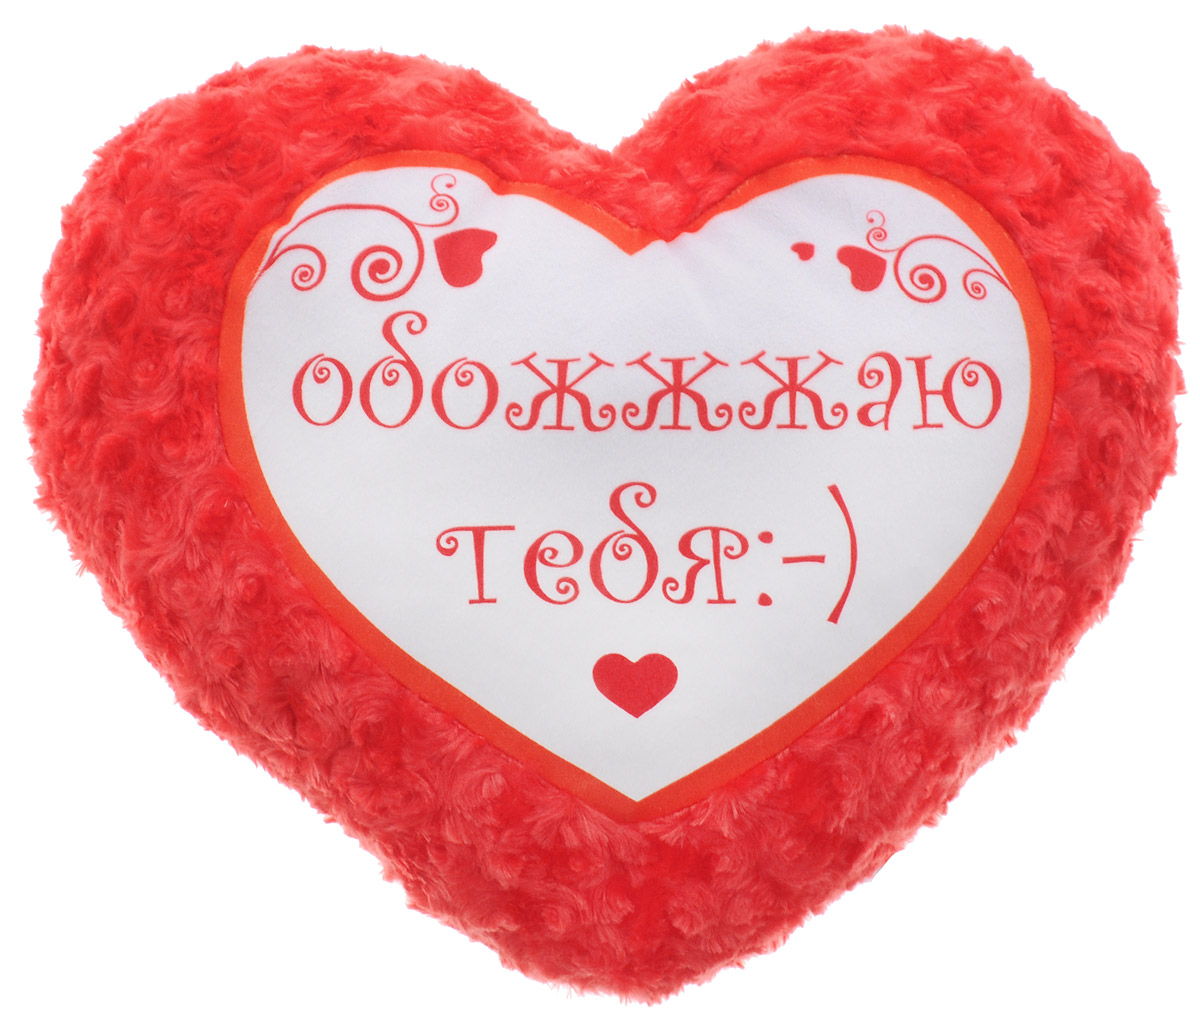 СмолТойс Мягкая игрушка-подушка Сердце 30 см1929-1/КР/33Мягкая игрушка-подушка Сердце, выполненная из мягкого искусственного меха красного цвета, станет отличным подарком ко дню влюбленных. Подушка в форме с надписью Обожжжаю тебя покорит все сердца. Такая подушка подарит комфорт и уют, а также станет оригинальным украшением интерьера.